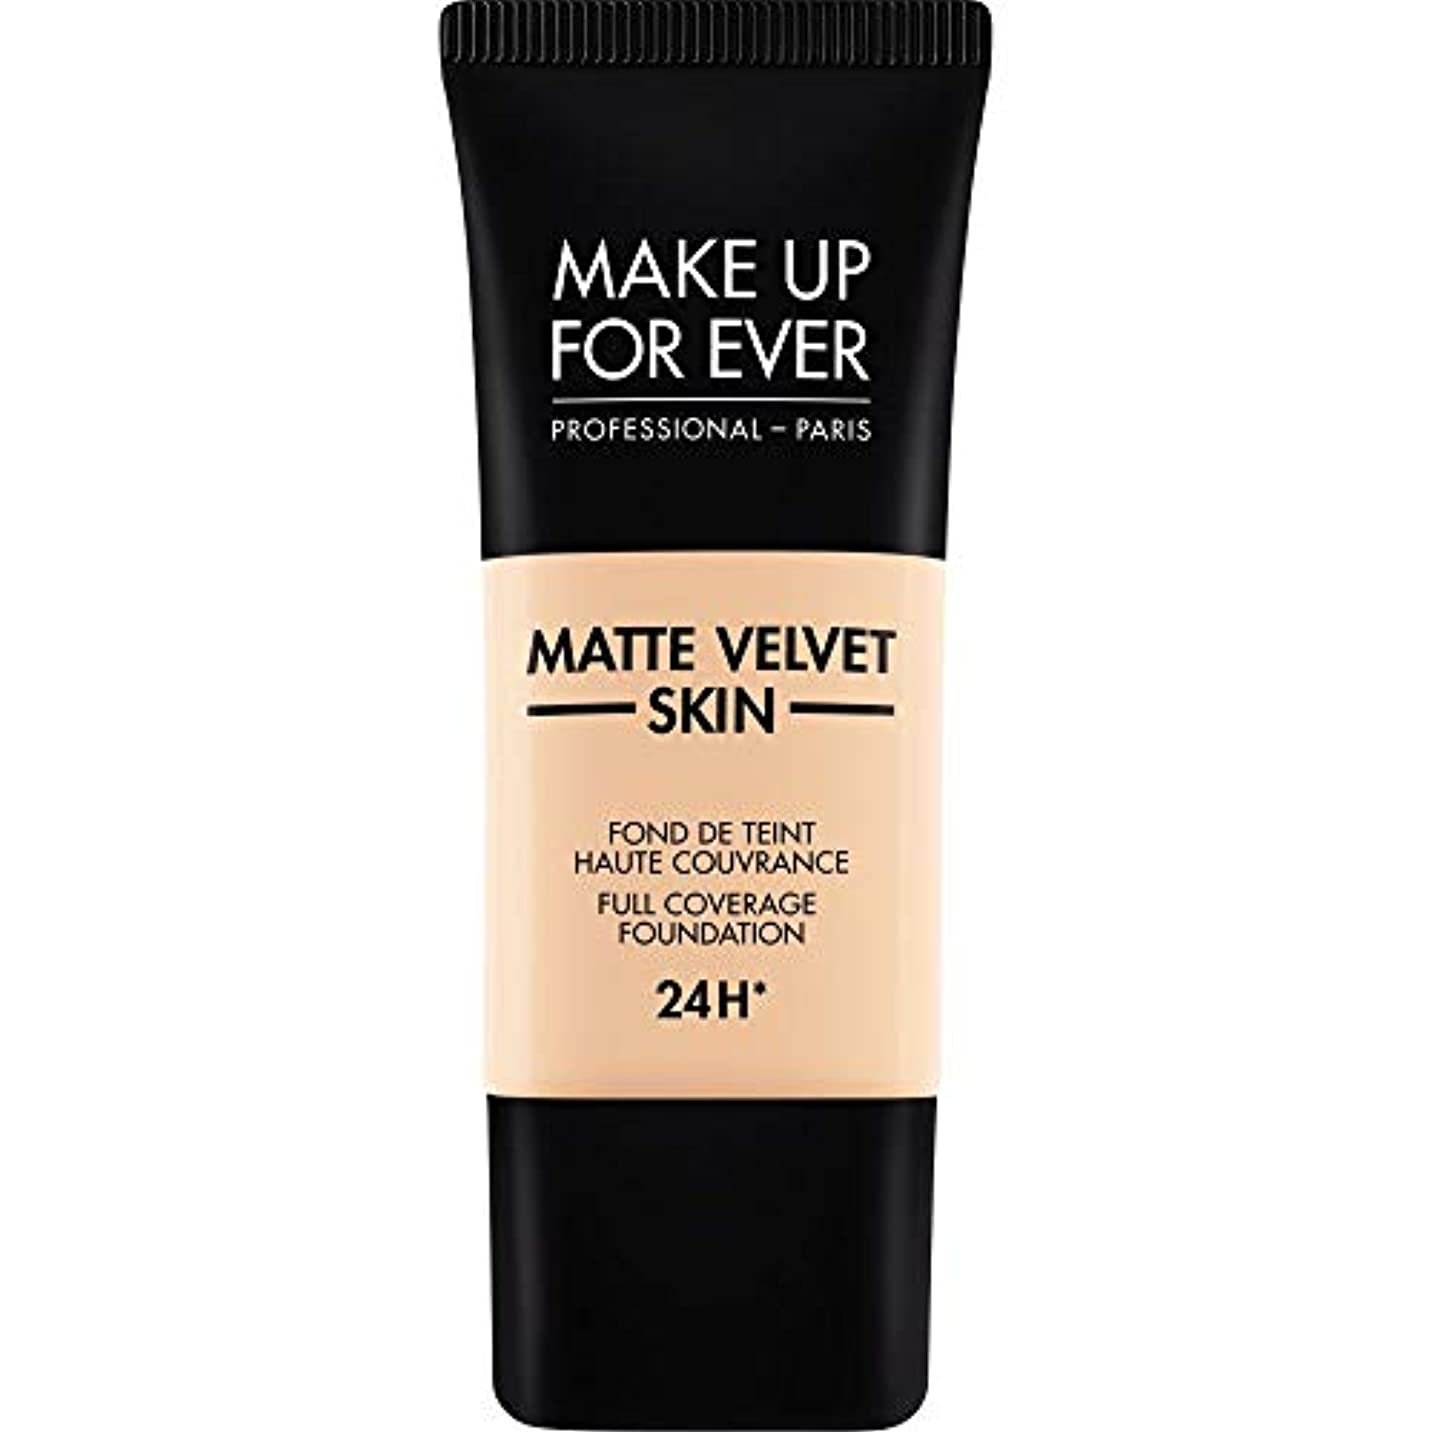 誓約なくなるスキャンダル[MAKE UP FOR EVER] これまでマットベルベットの皮膚のフルカバレッジ基礎30ミリリットルのR230を補う - アイボリー - MAKE UP FOR EVER Matte Velvet Skin Full...